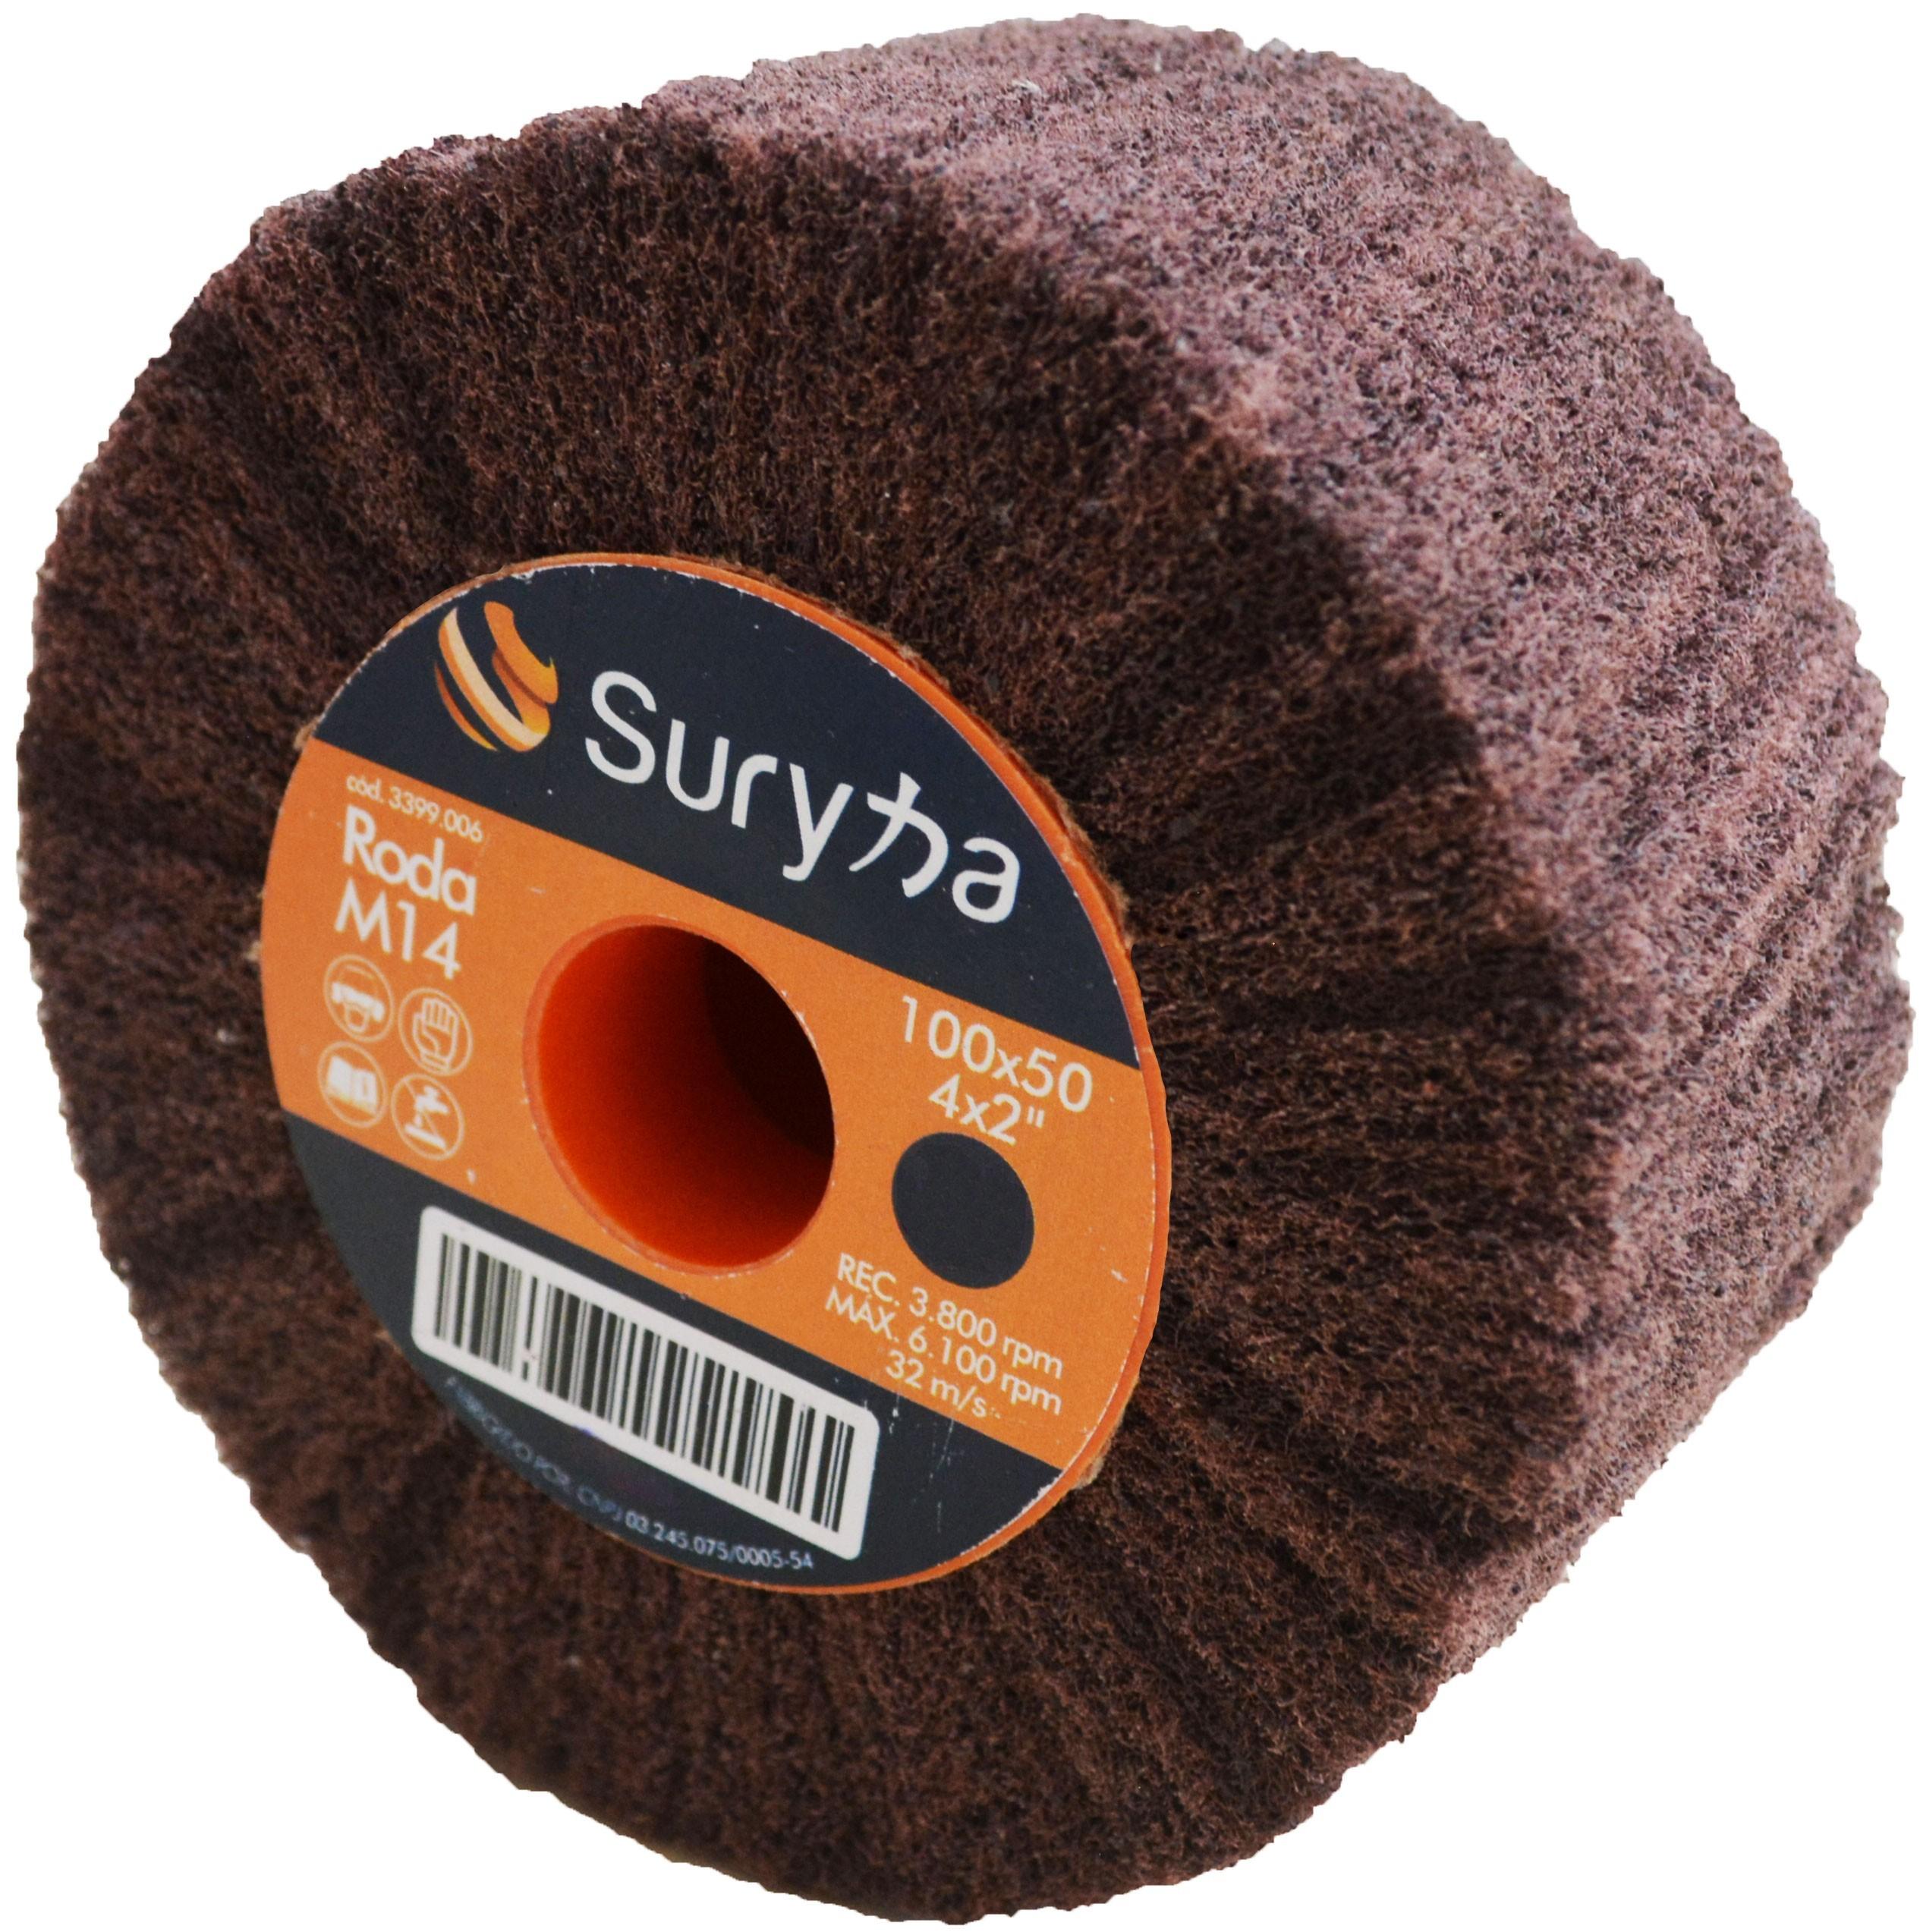 Roda de Manta 100 x 500 Grosso M14 Suryha